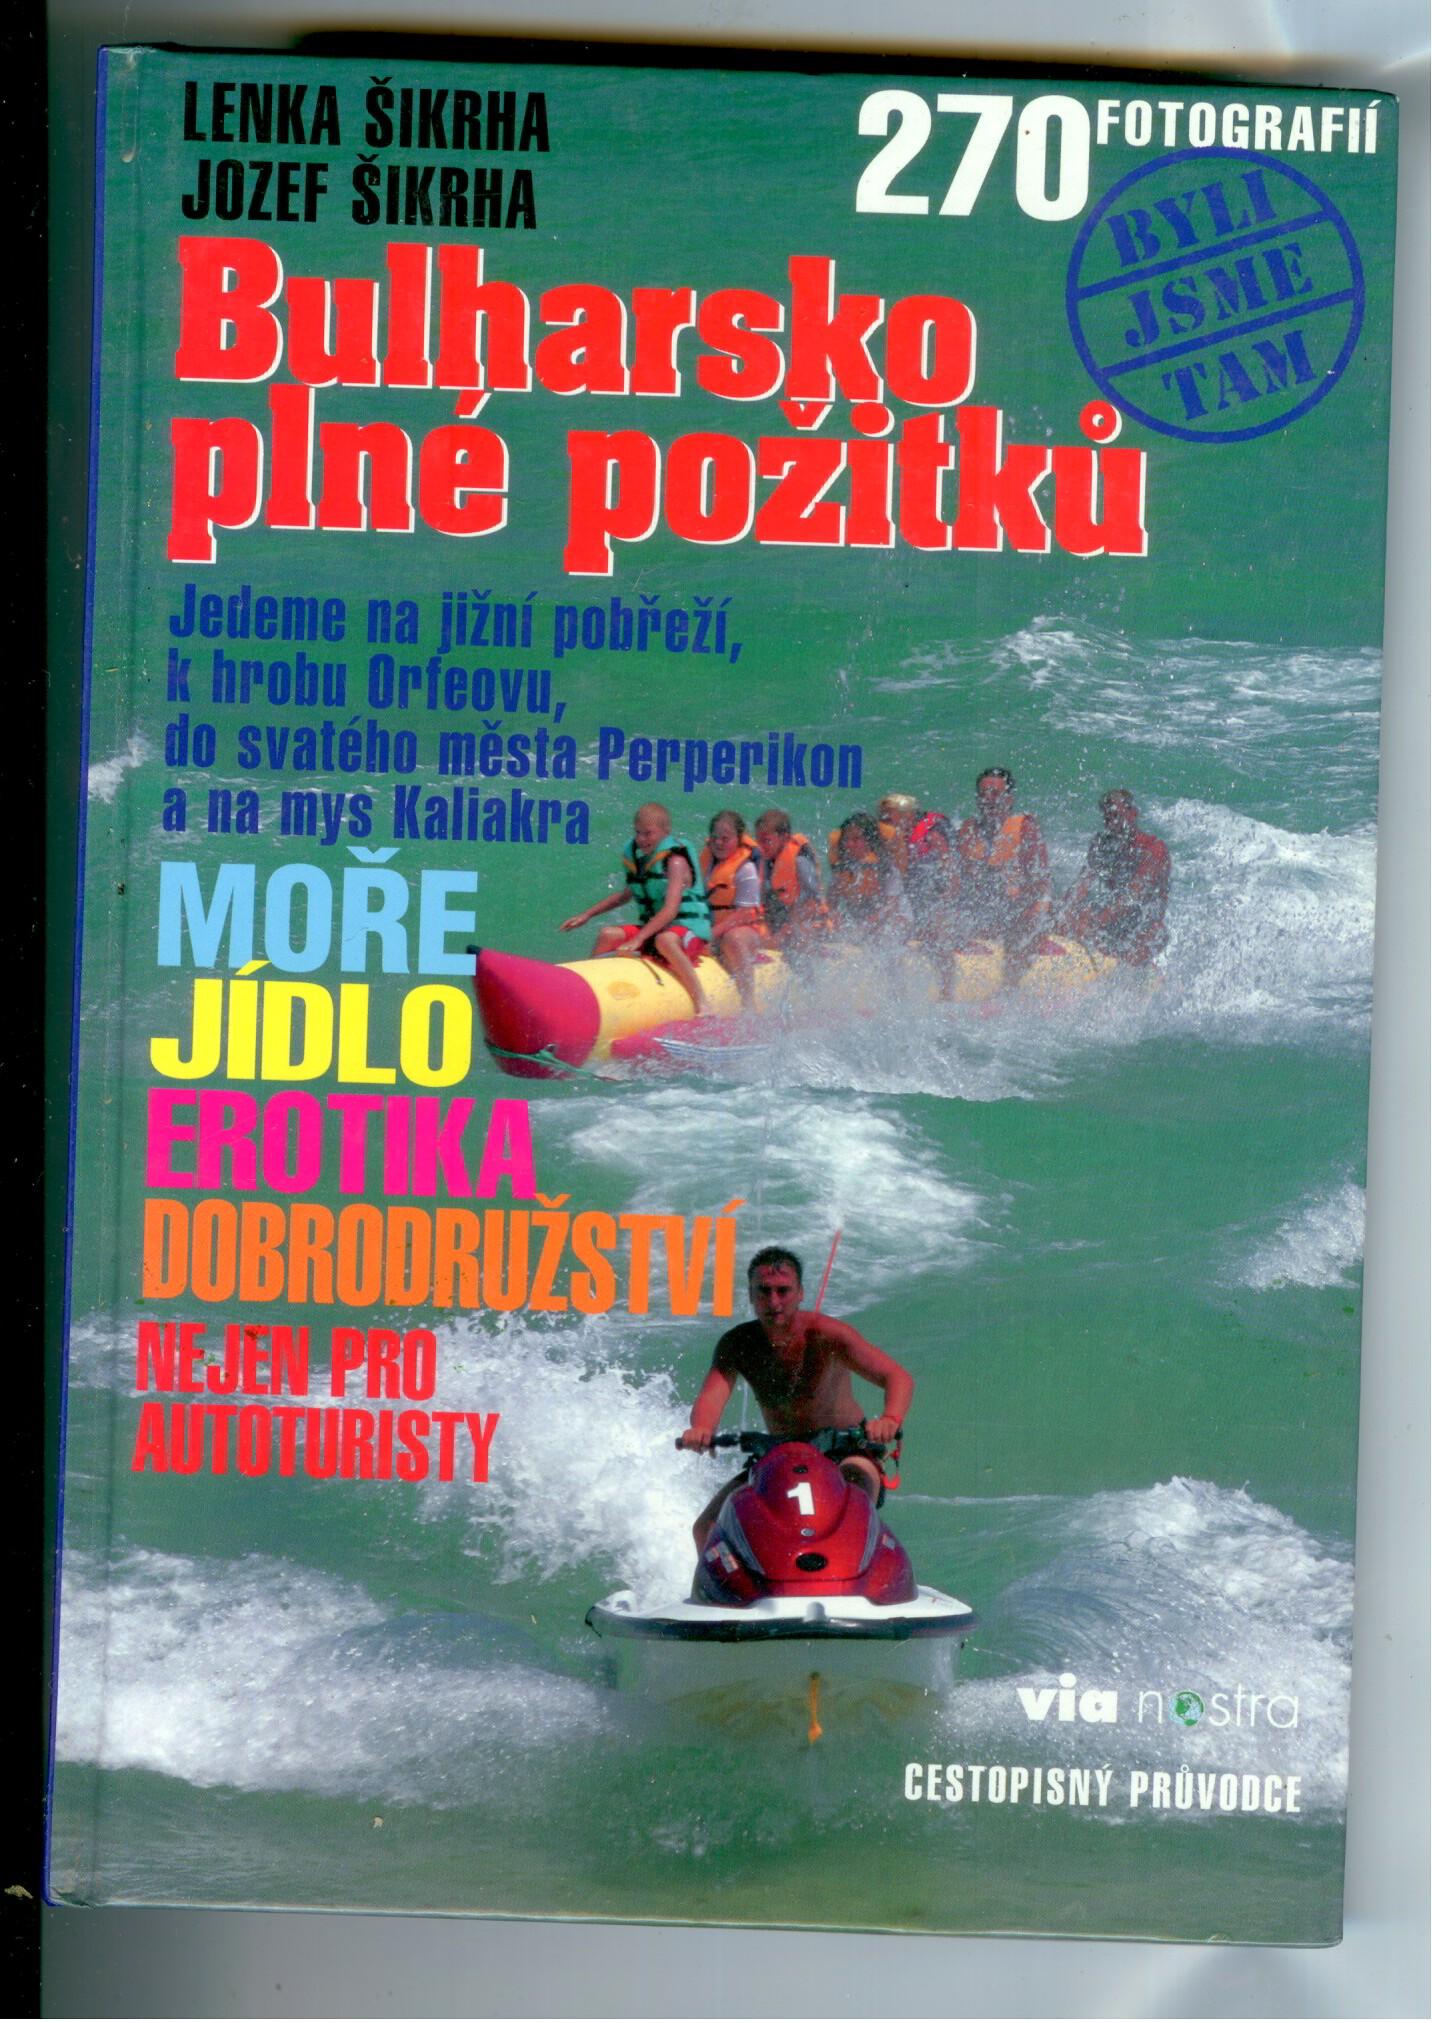 Bulharsko plné požitků - Lenka Šikrha, Jozef Šikrha